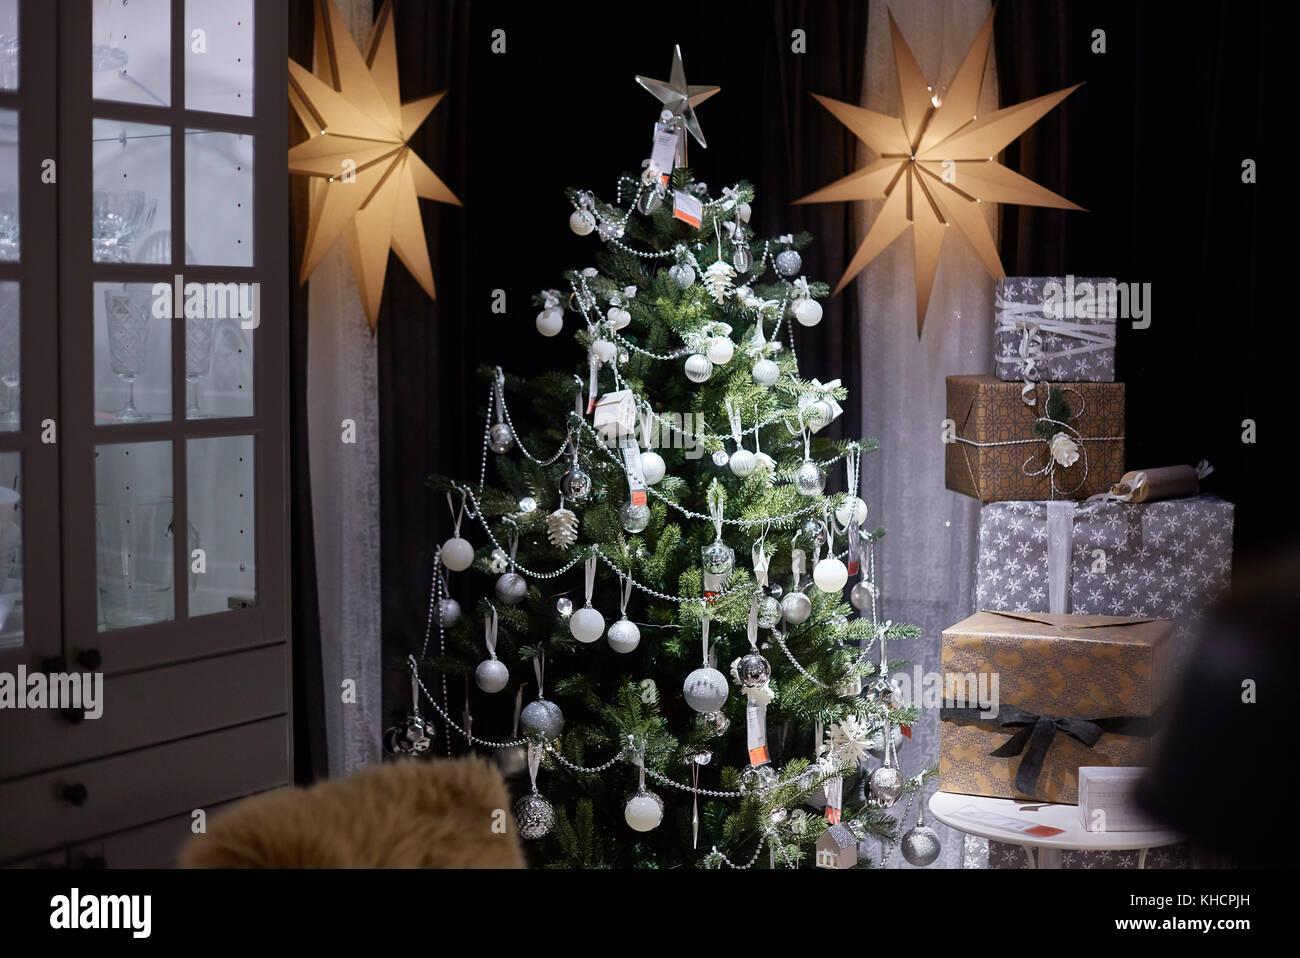 Samara Russland November 15 2017 Weihnachten Dekoration Im Ikea